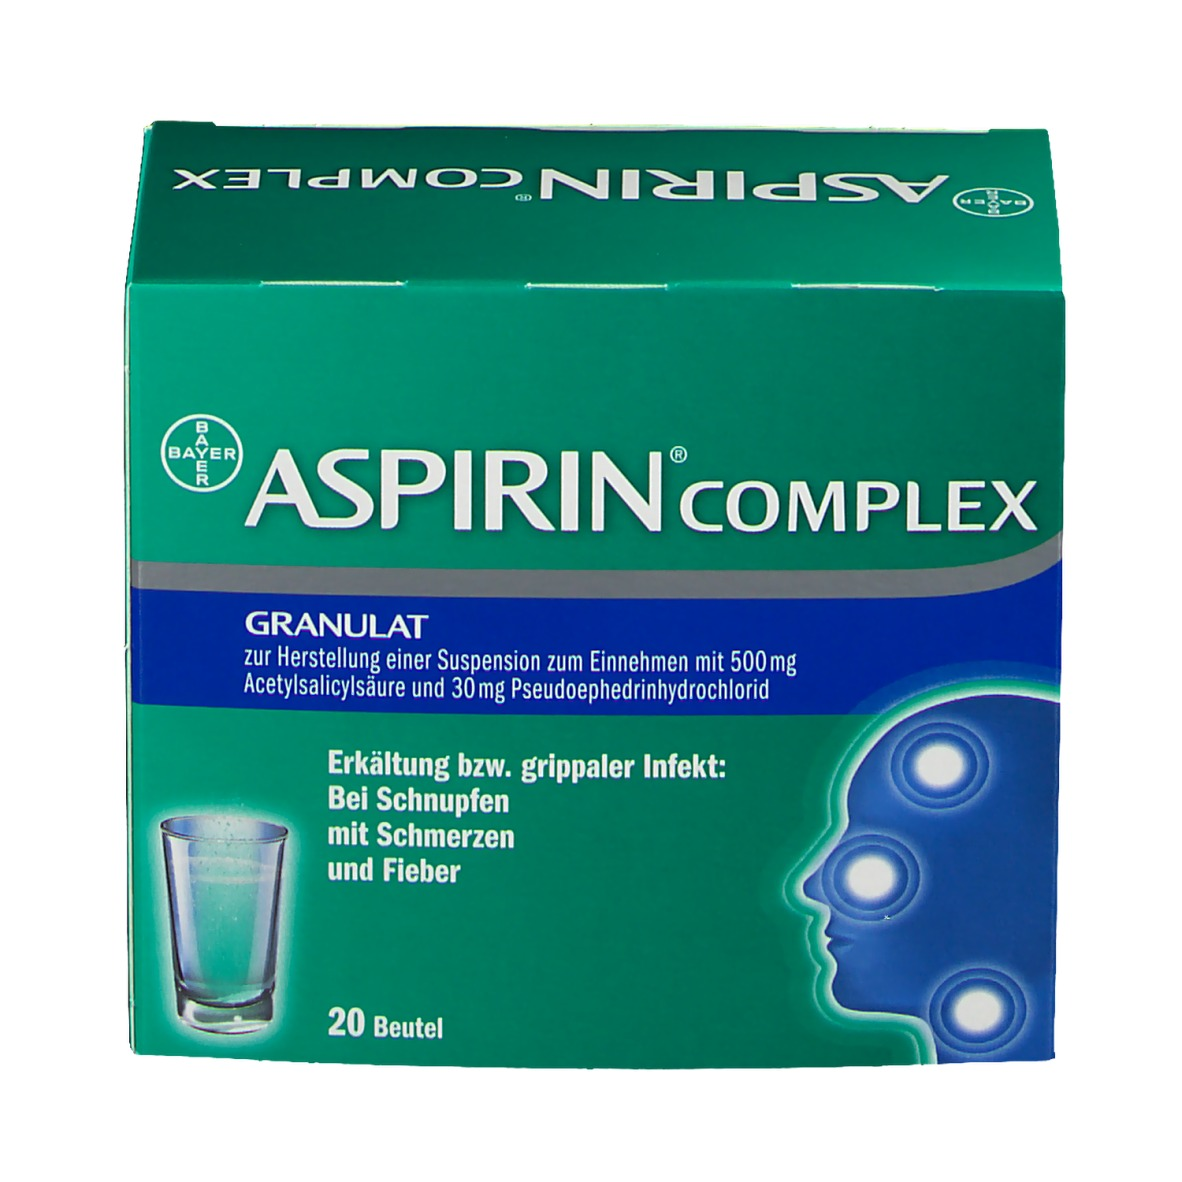 Aspirin Complex Und Ibu